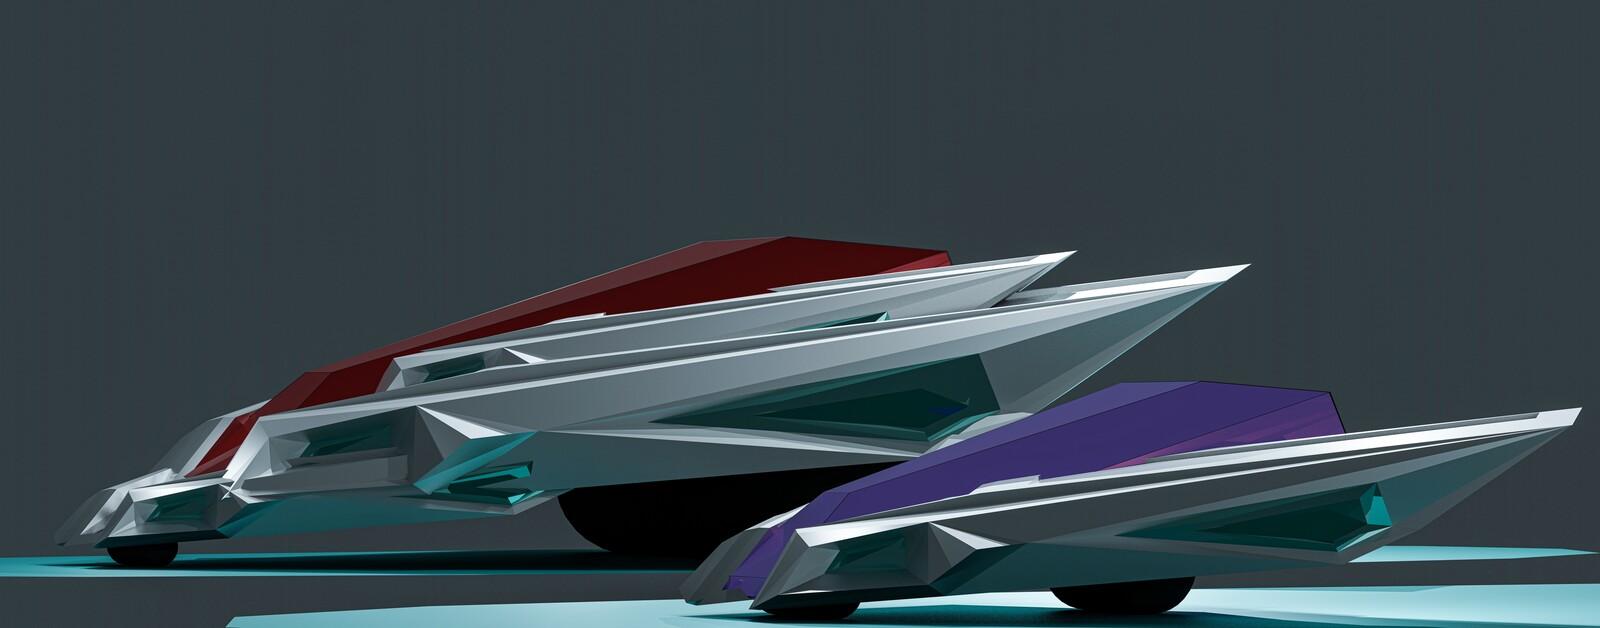 Psyfi CyberBot, CyberJet & CyberPanzer Engineering Design Aesthetology